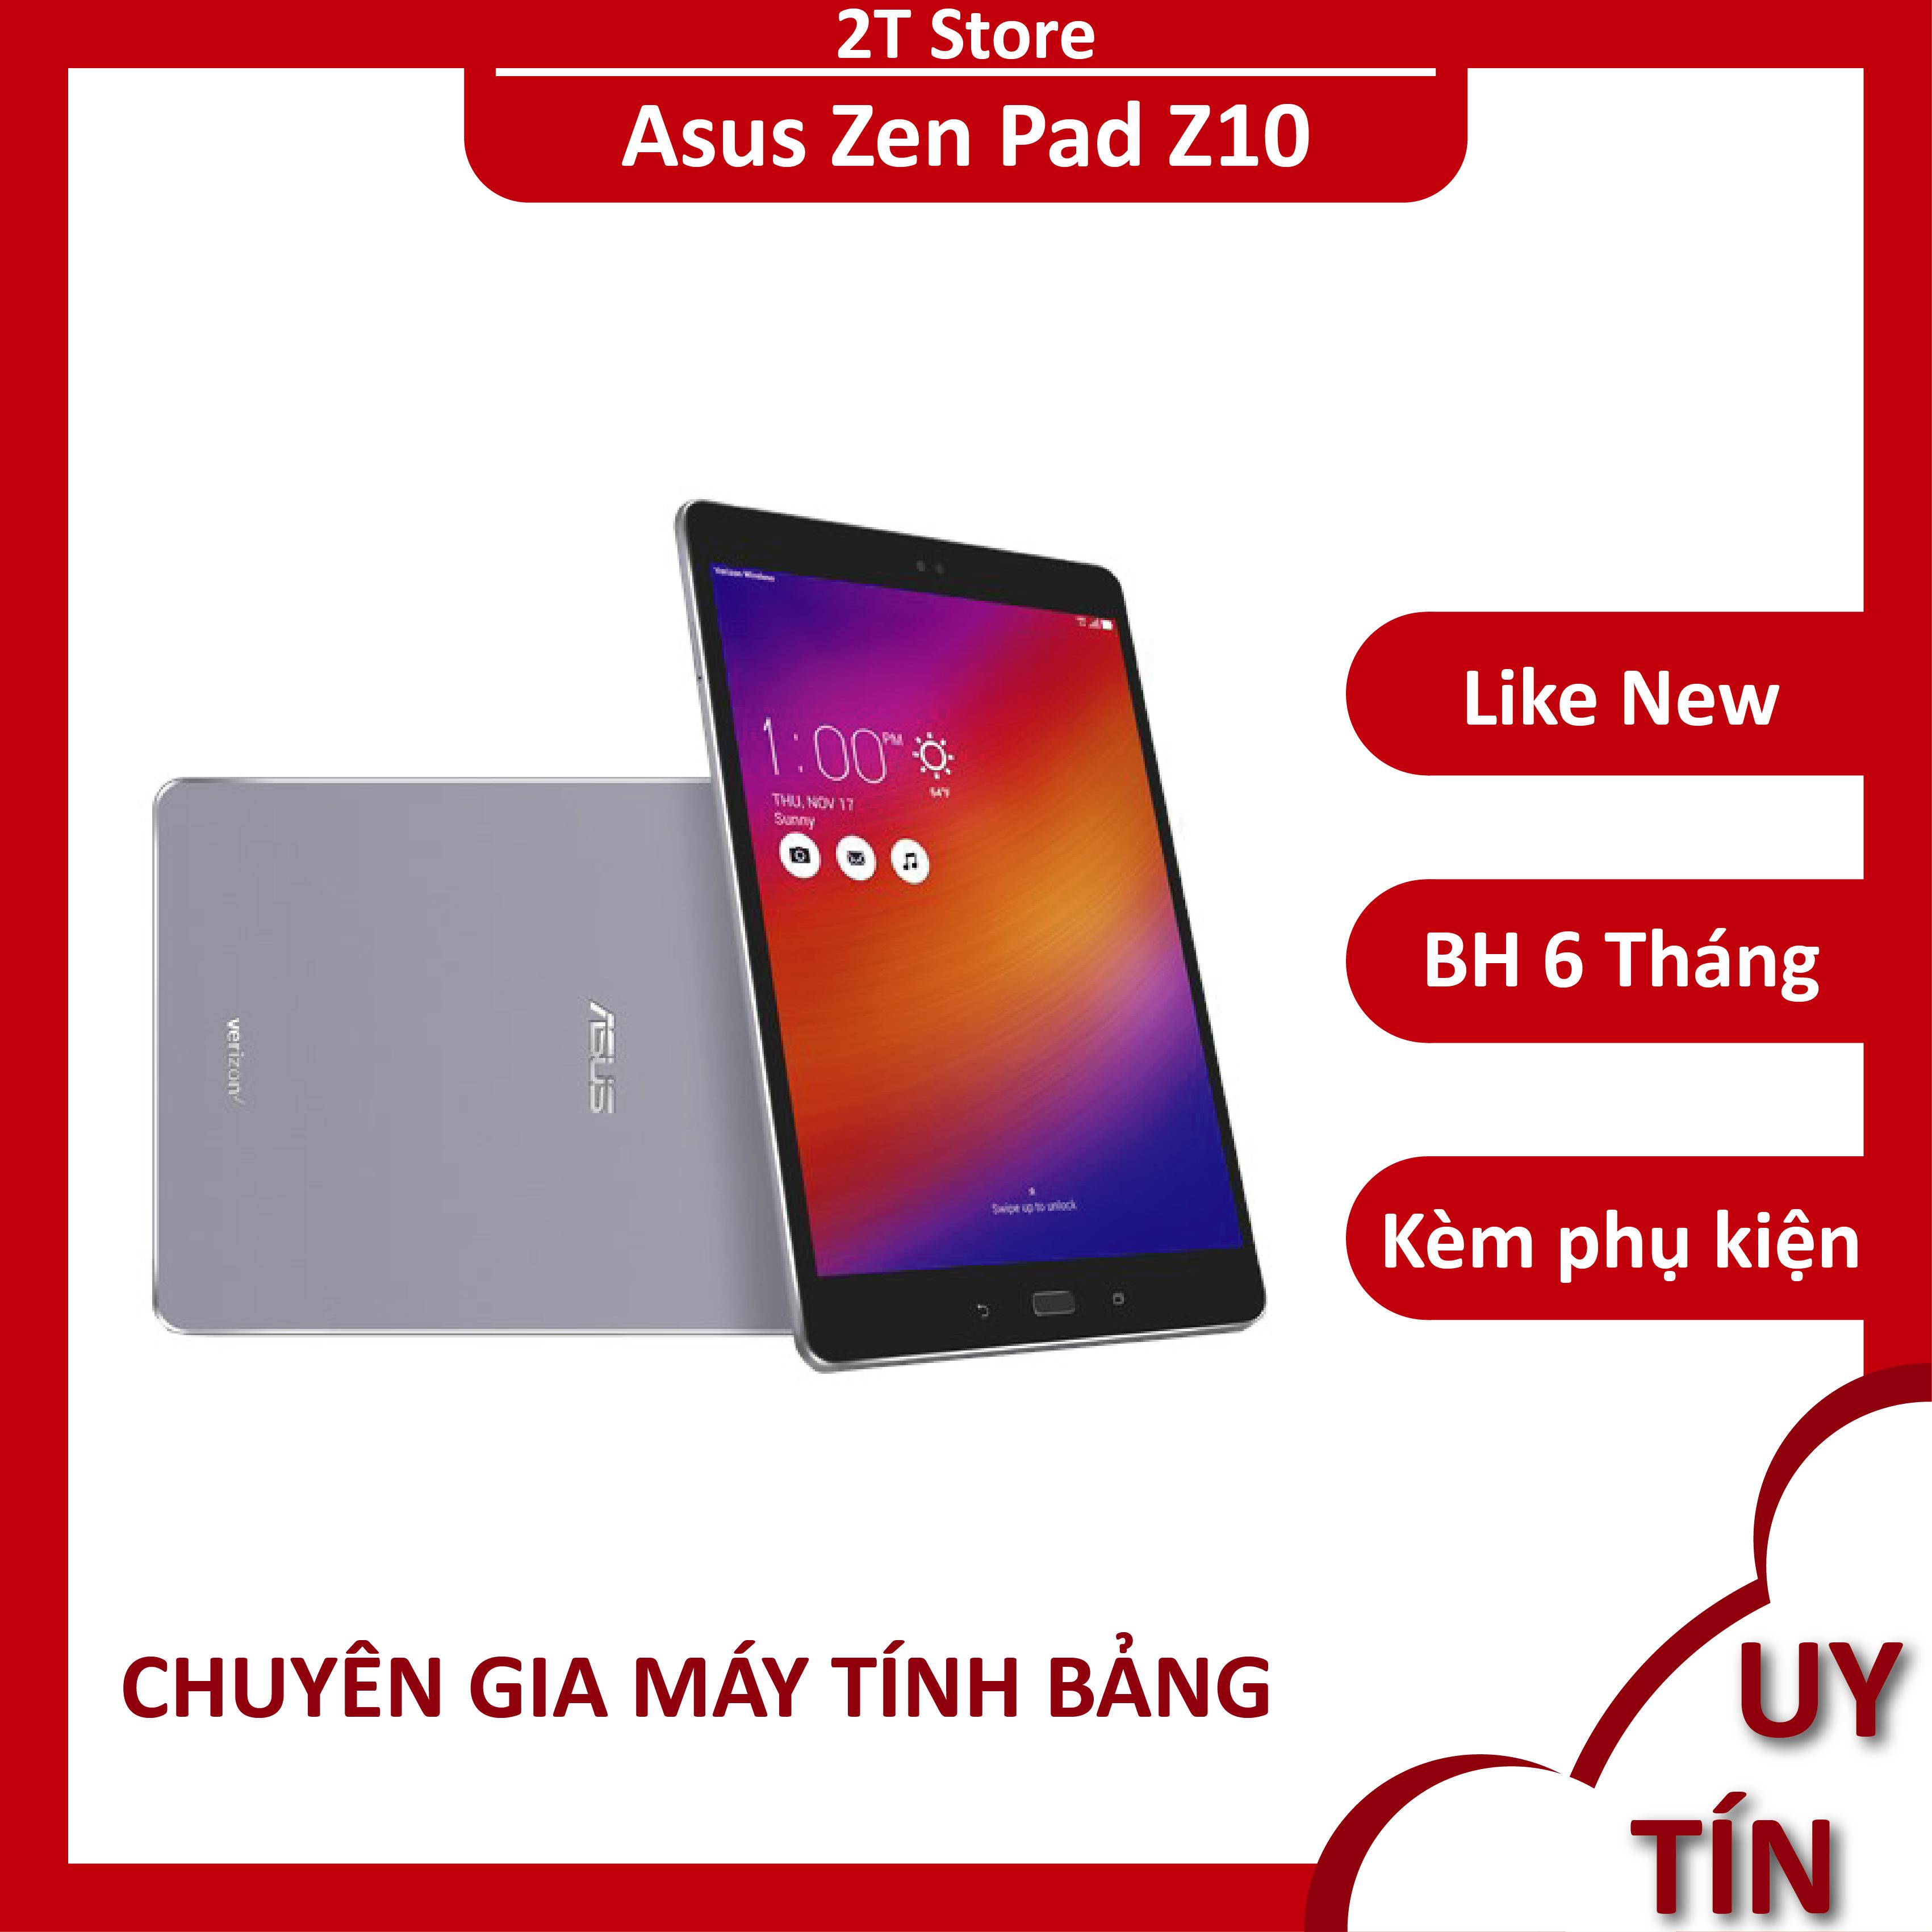 Máy tính bảng Asus Z10 RAM 3GB màn 2K siêu nét chạy mượt (Wifi)